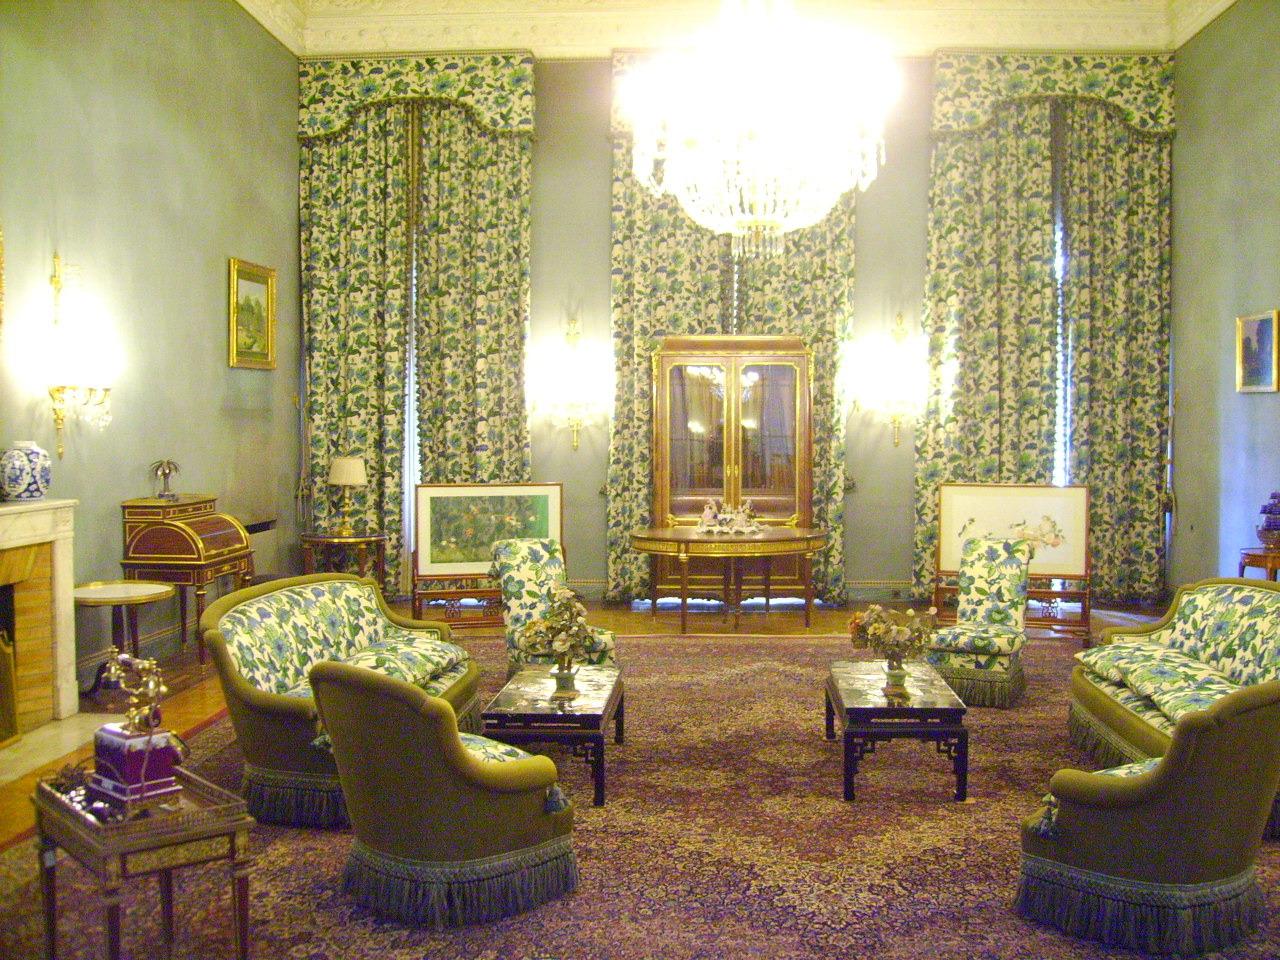 迪拜的皇宫内景图片